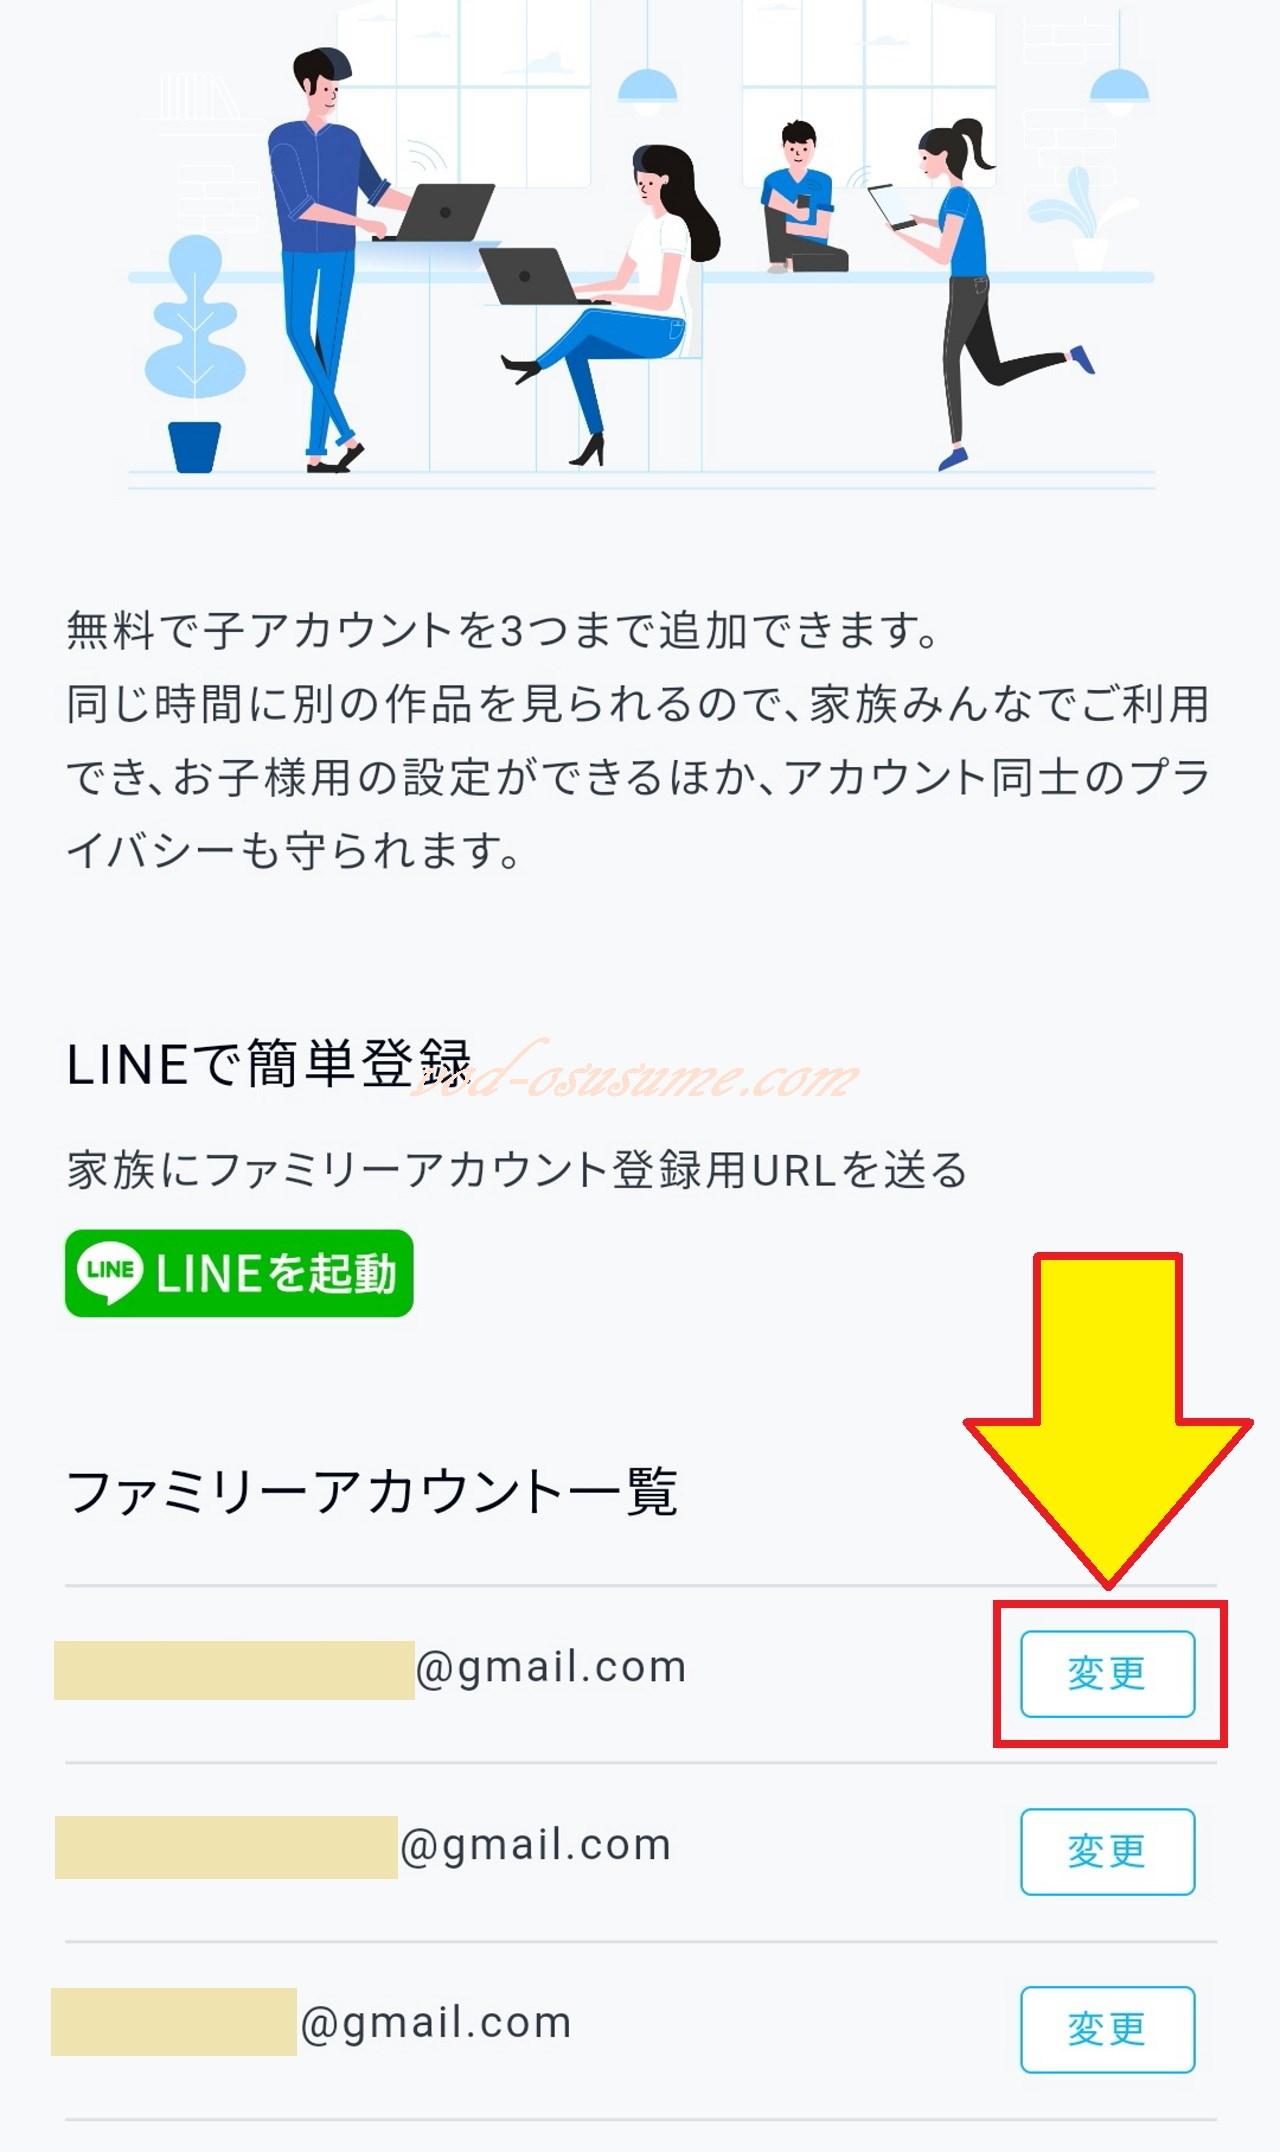 設定/削除するアカウント右の「変更」をタップ